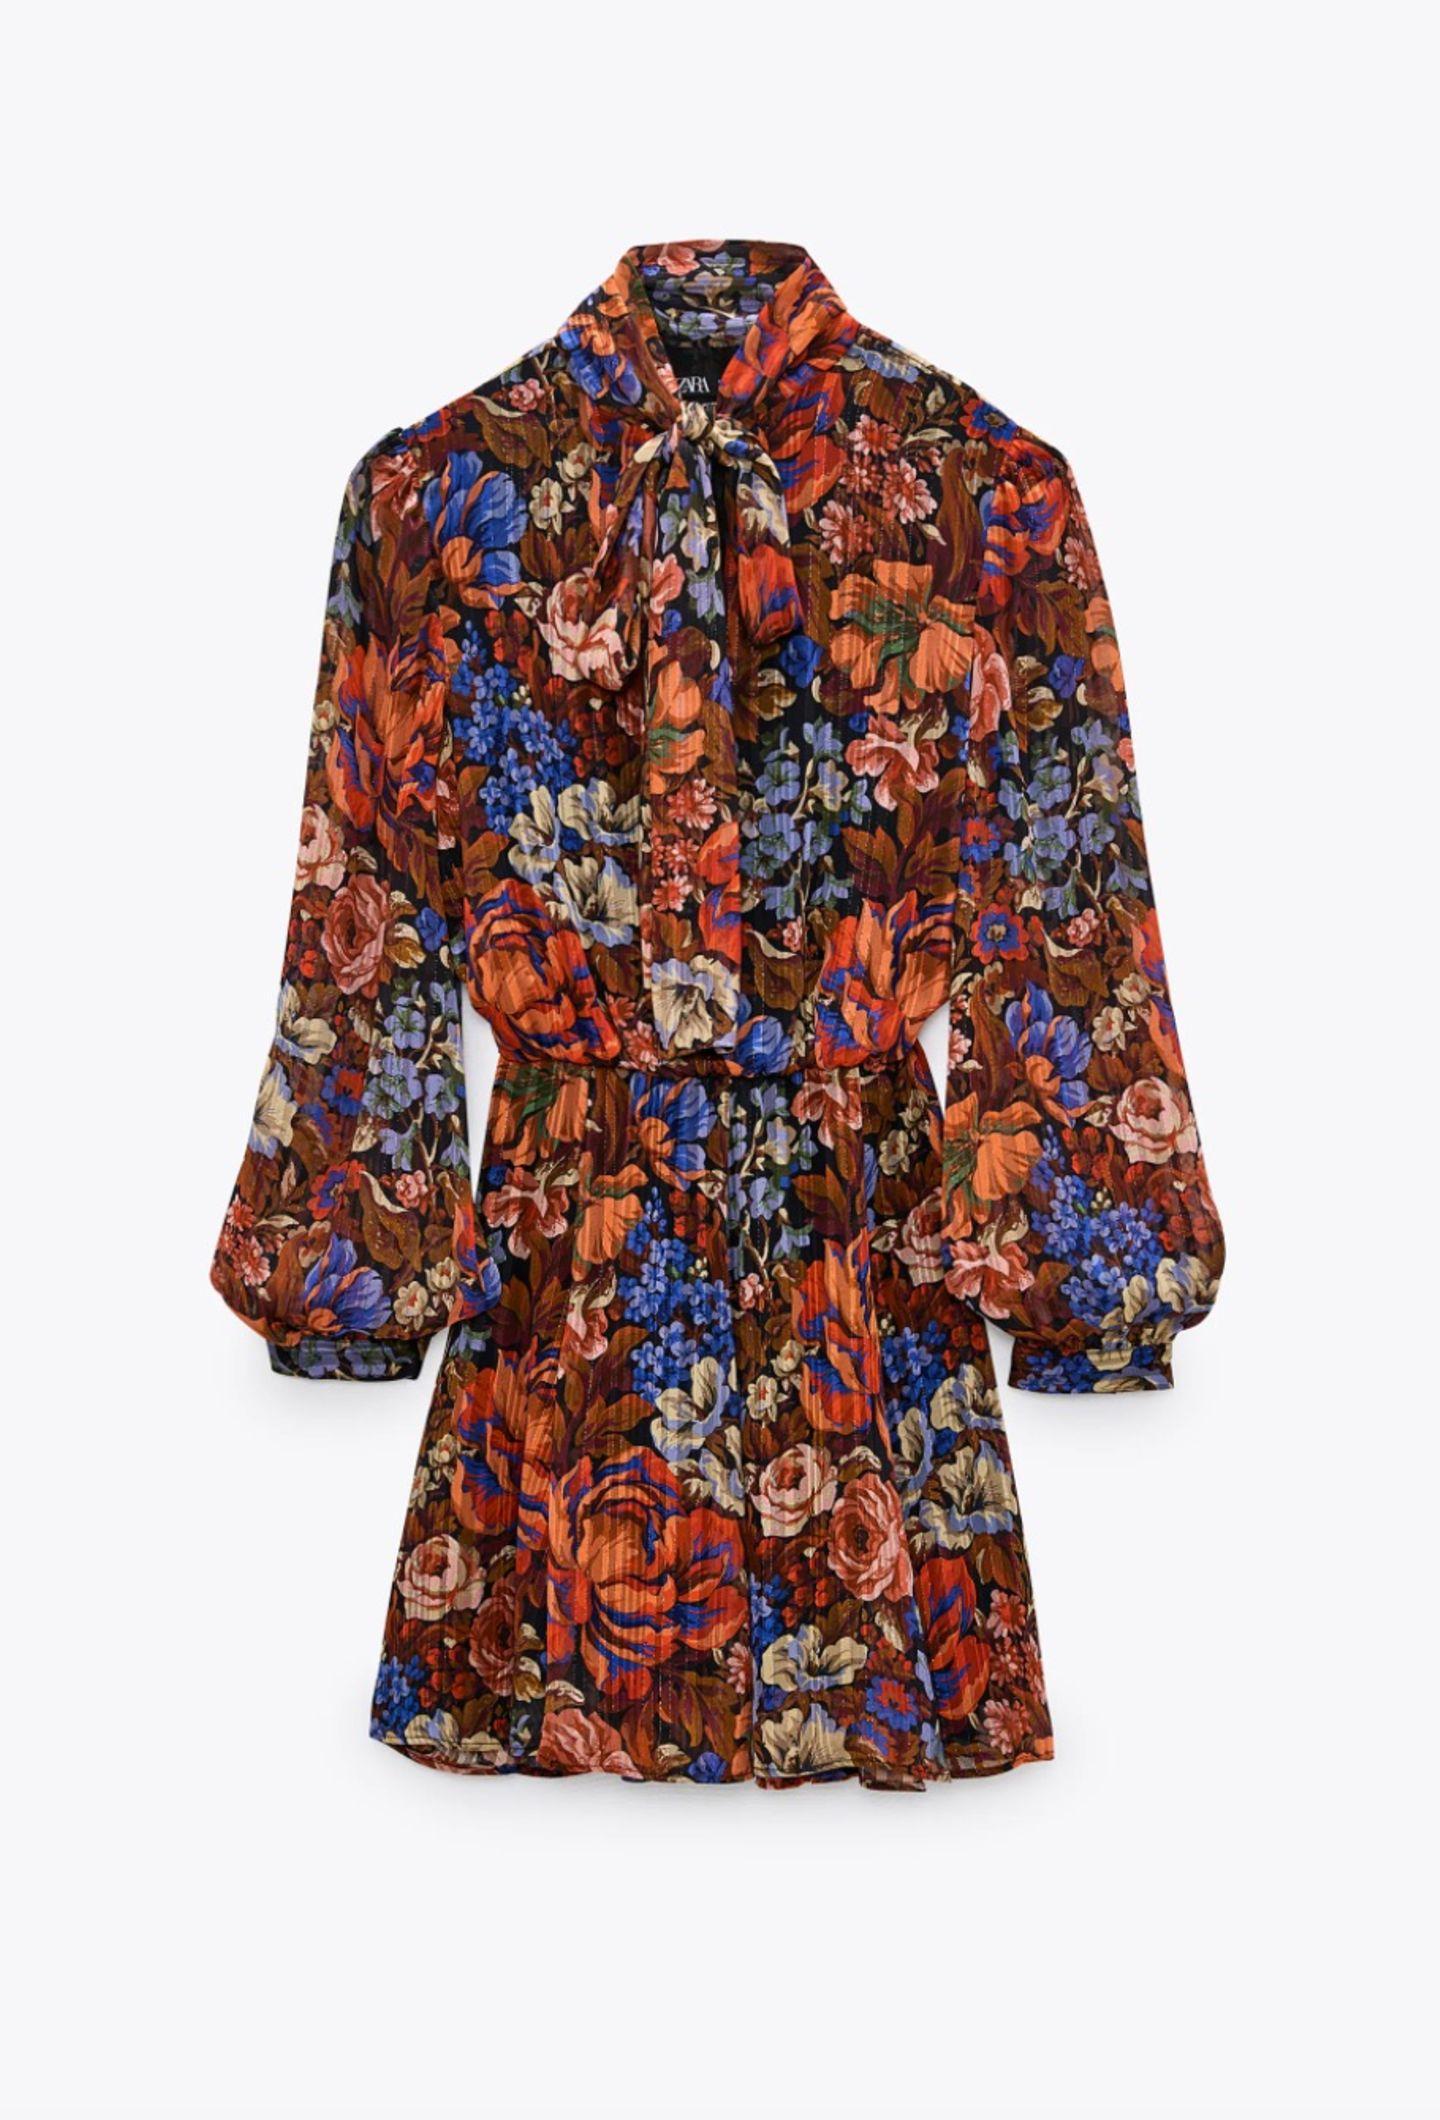 Blümchenkleider gehören zu den absoluten Klassikern im Kleiderschrk und sind nahezu immer eine gute Wahl. Pünktlich zur Festtagssaison setzen wir auf sanfte Erdtöne, glitzernde Laméfädenund eine süße Schluppe. Von Zara, um 60 Euro.